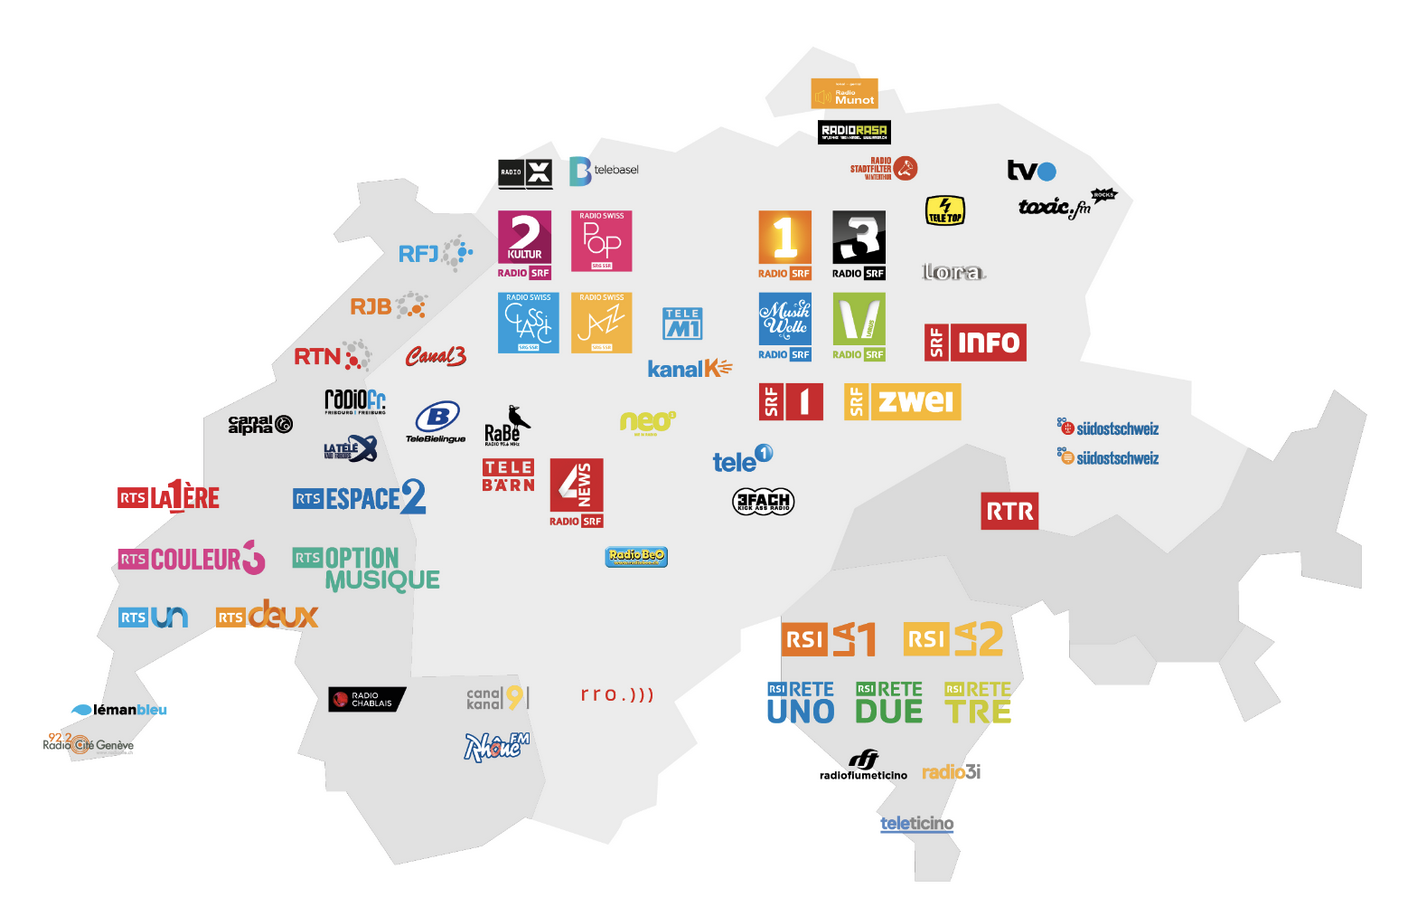 Les diffuseurs suisses qui reçoivent une part de la redevance